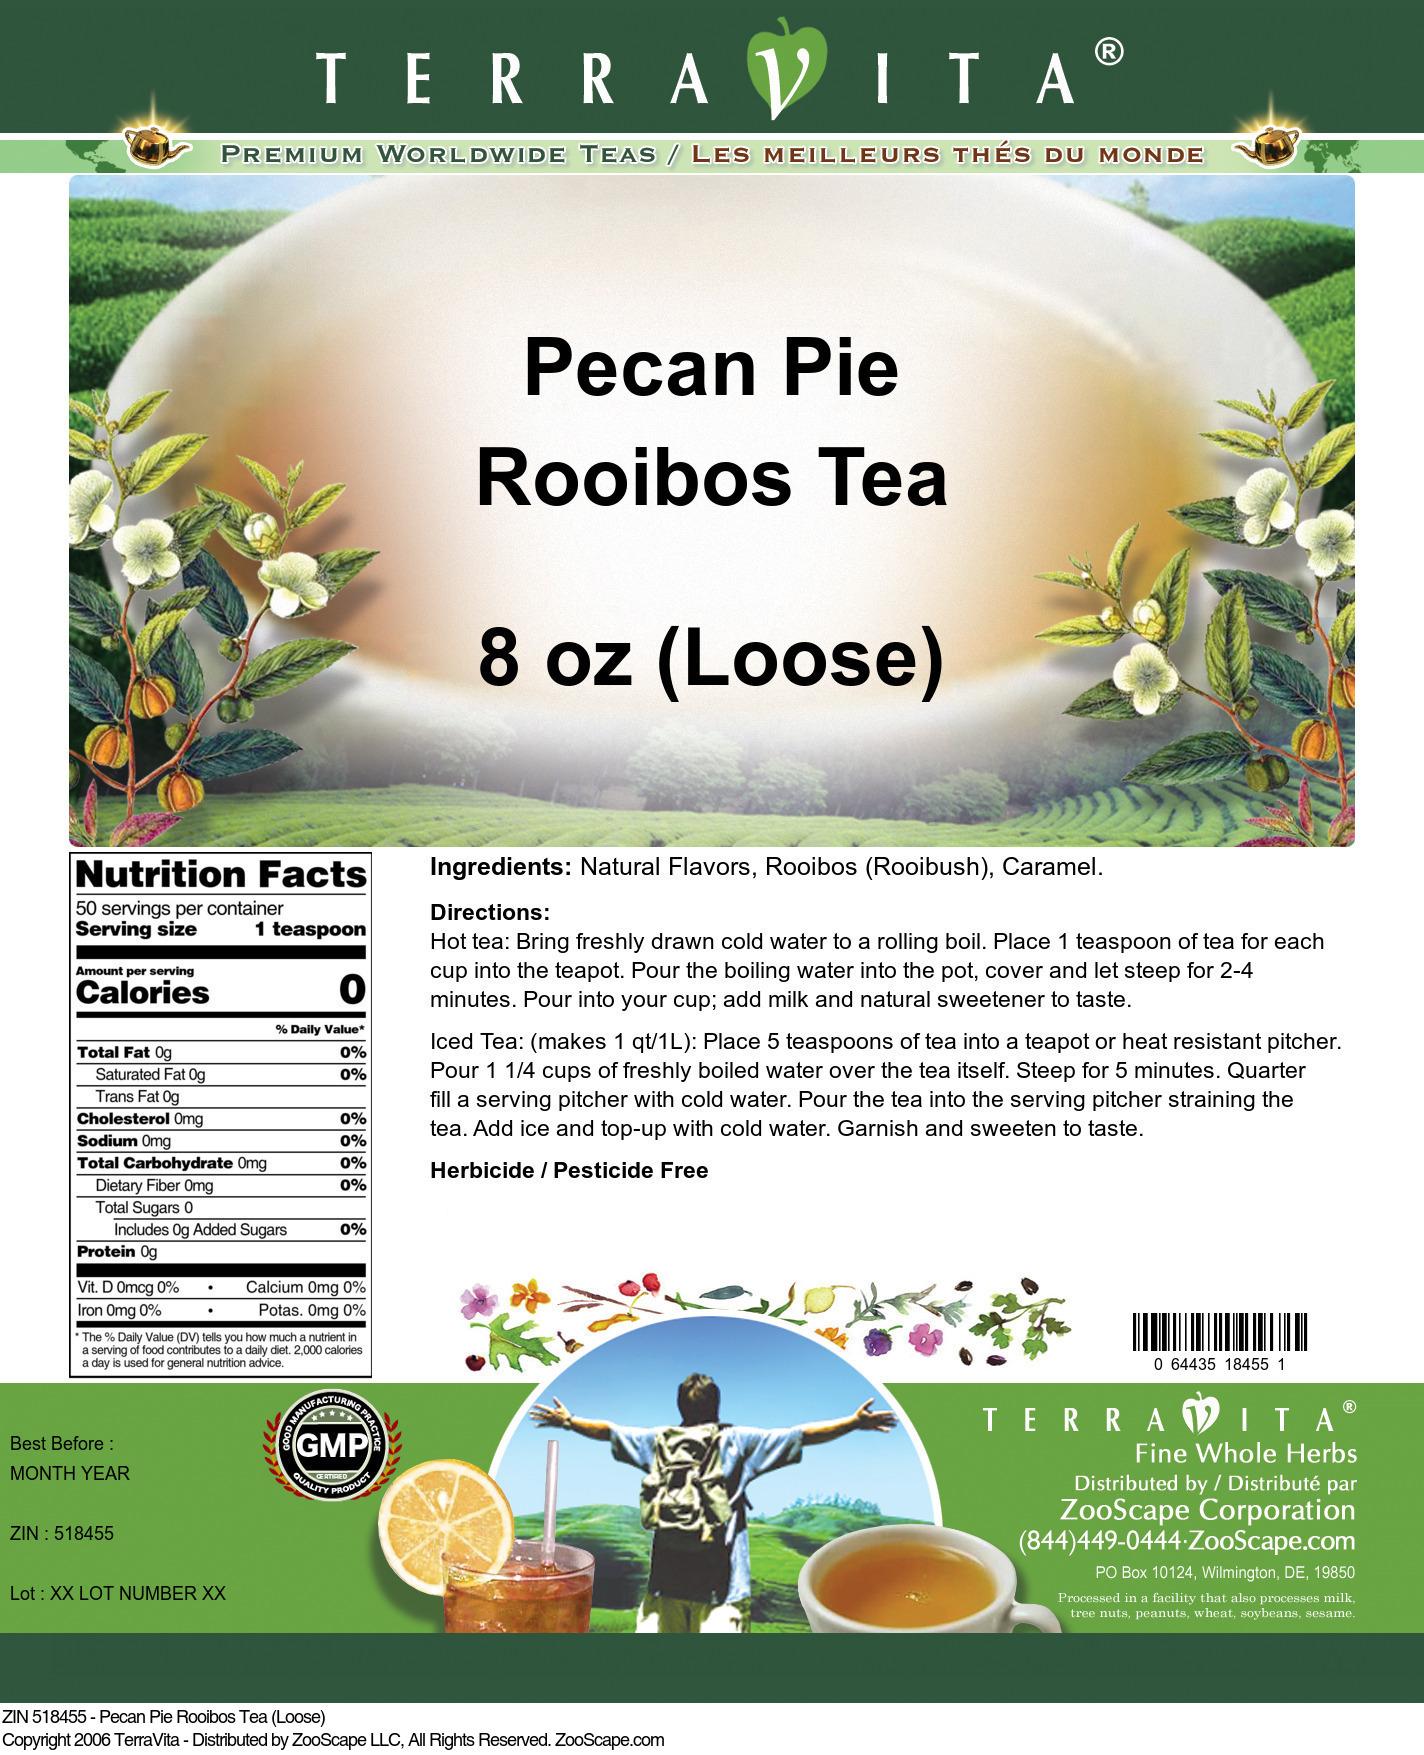 Pecan Pie Rooibos Tea (Loose)